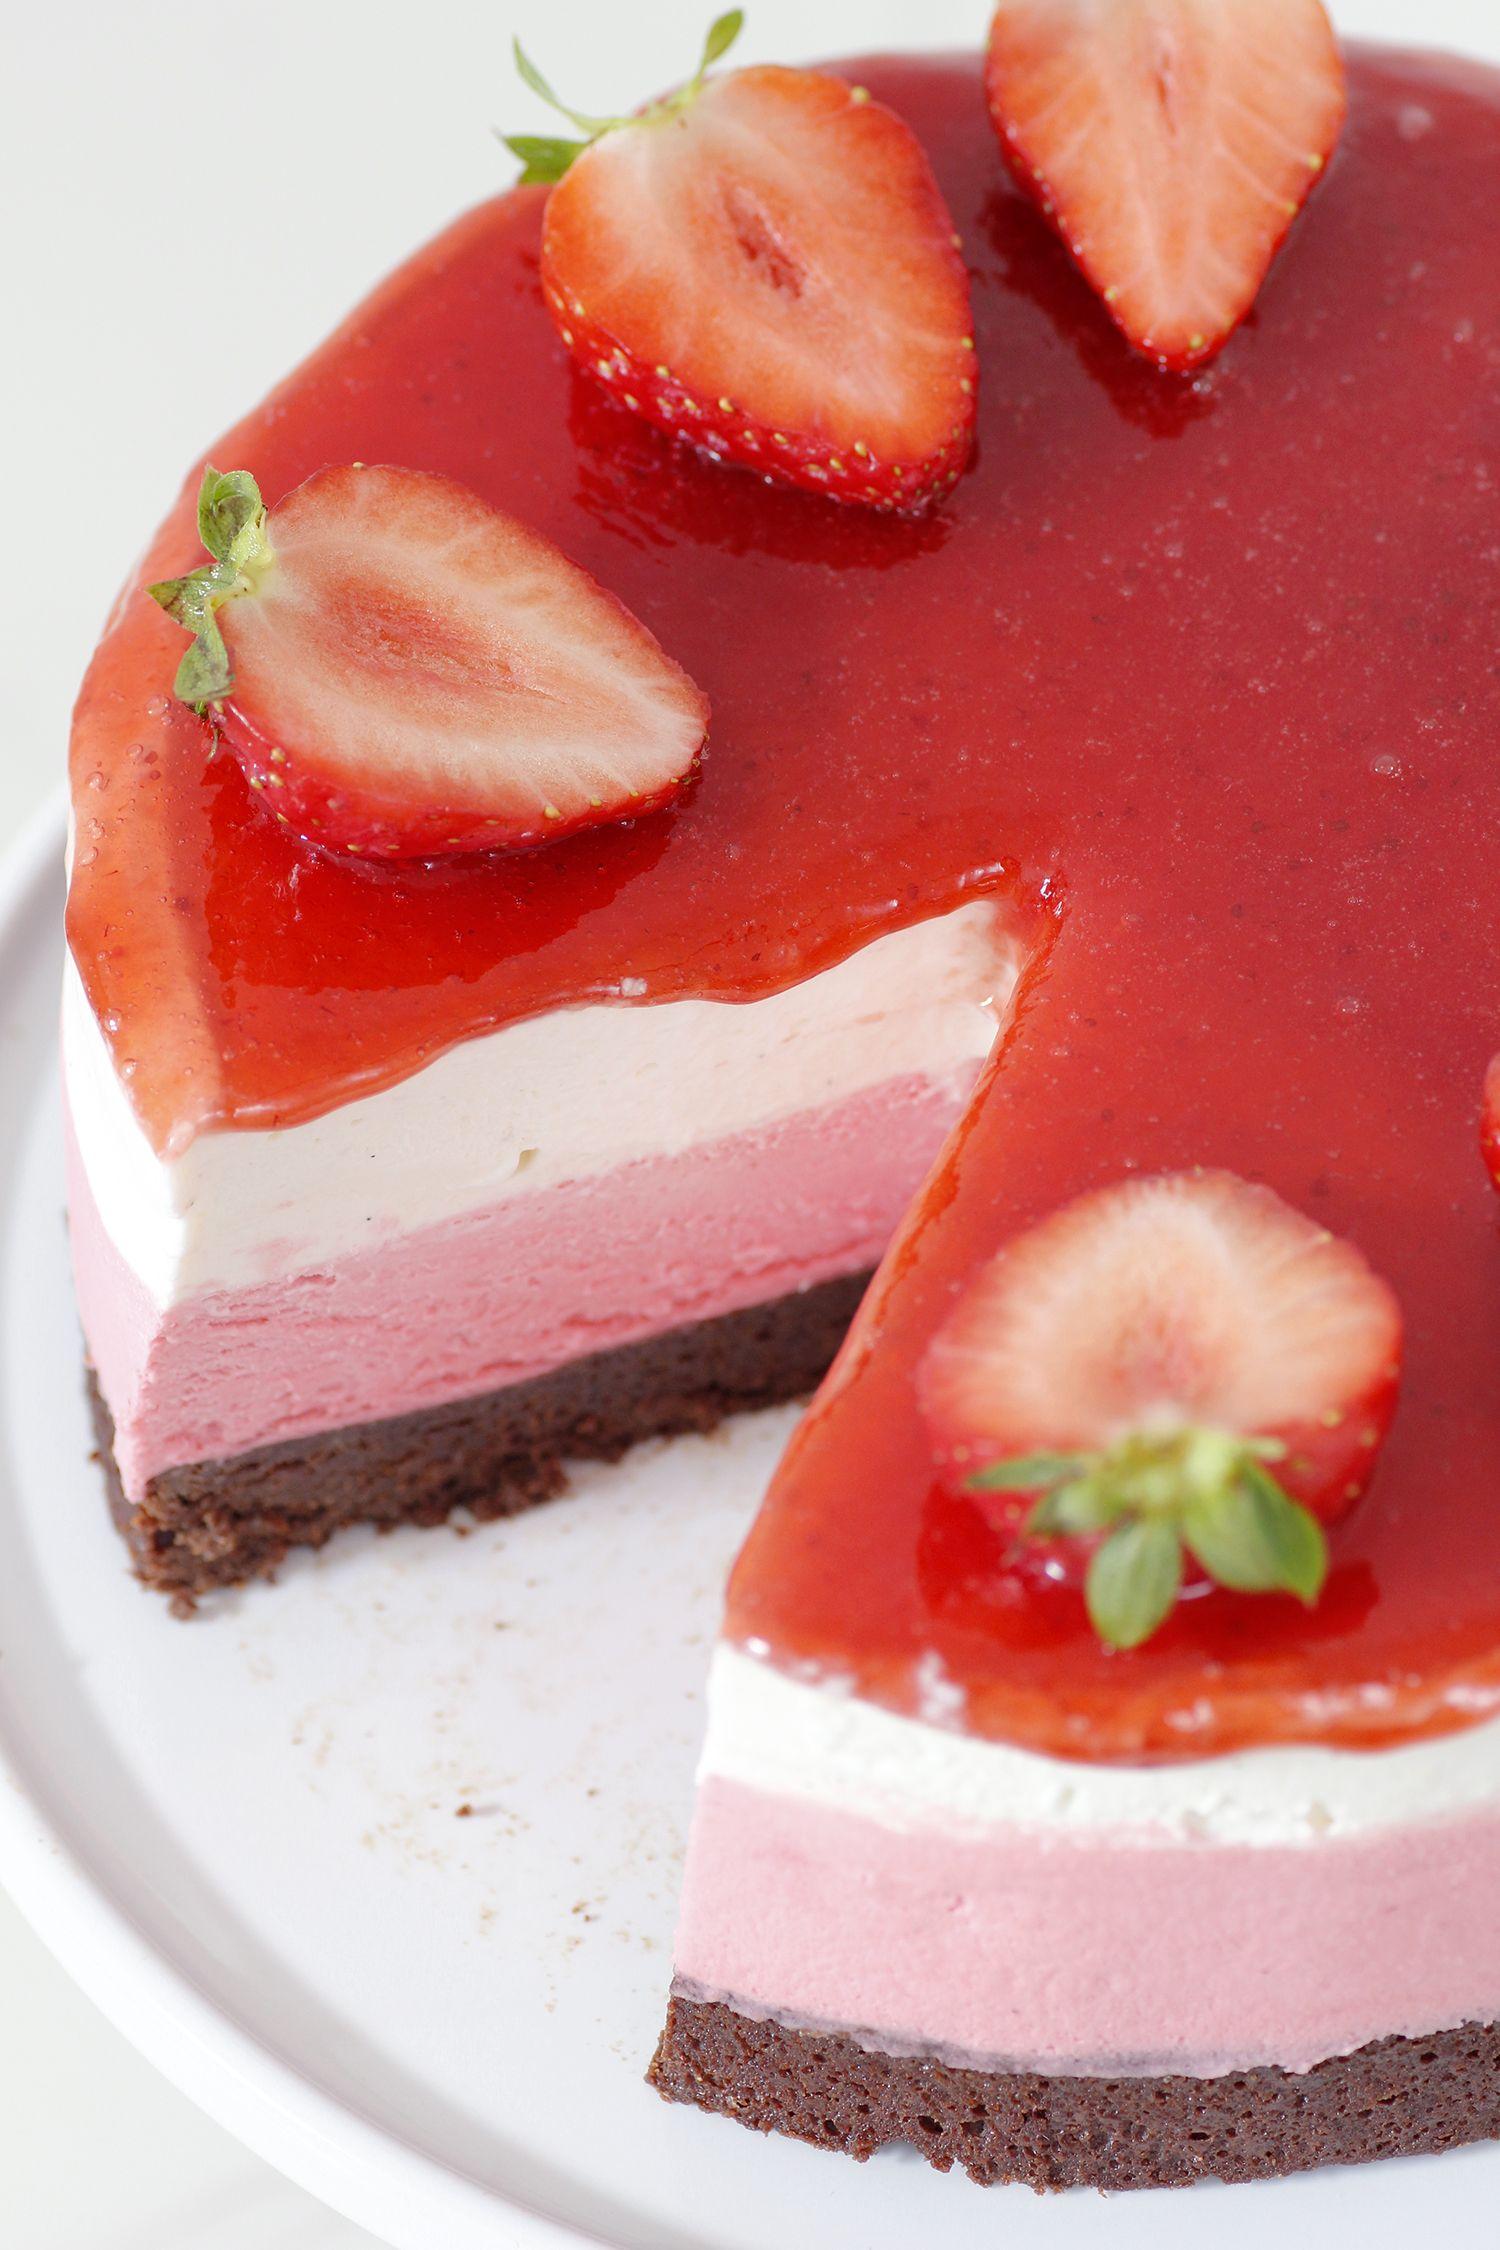 עוגת שוקולד עם מוס תותים ושוקולד לבן